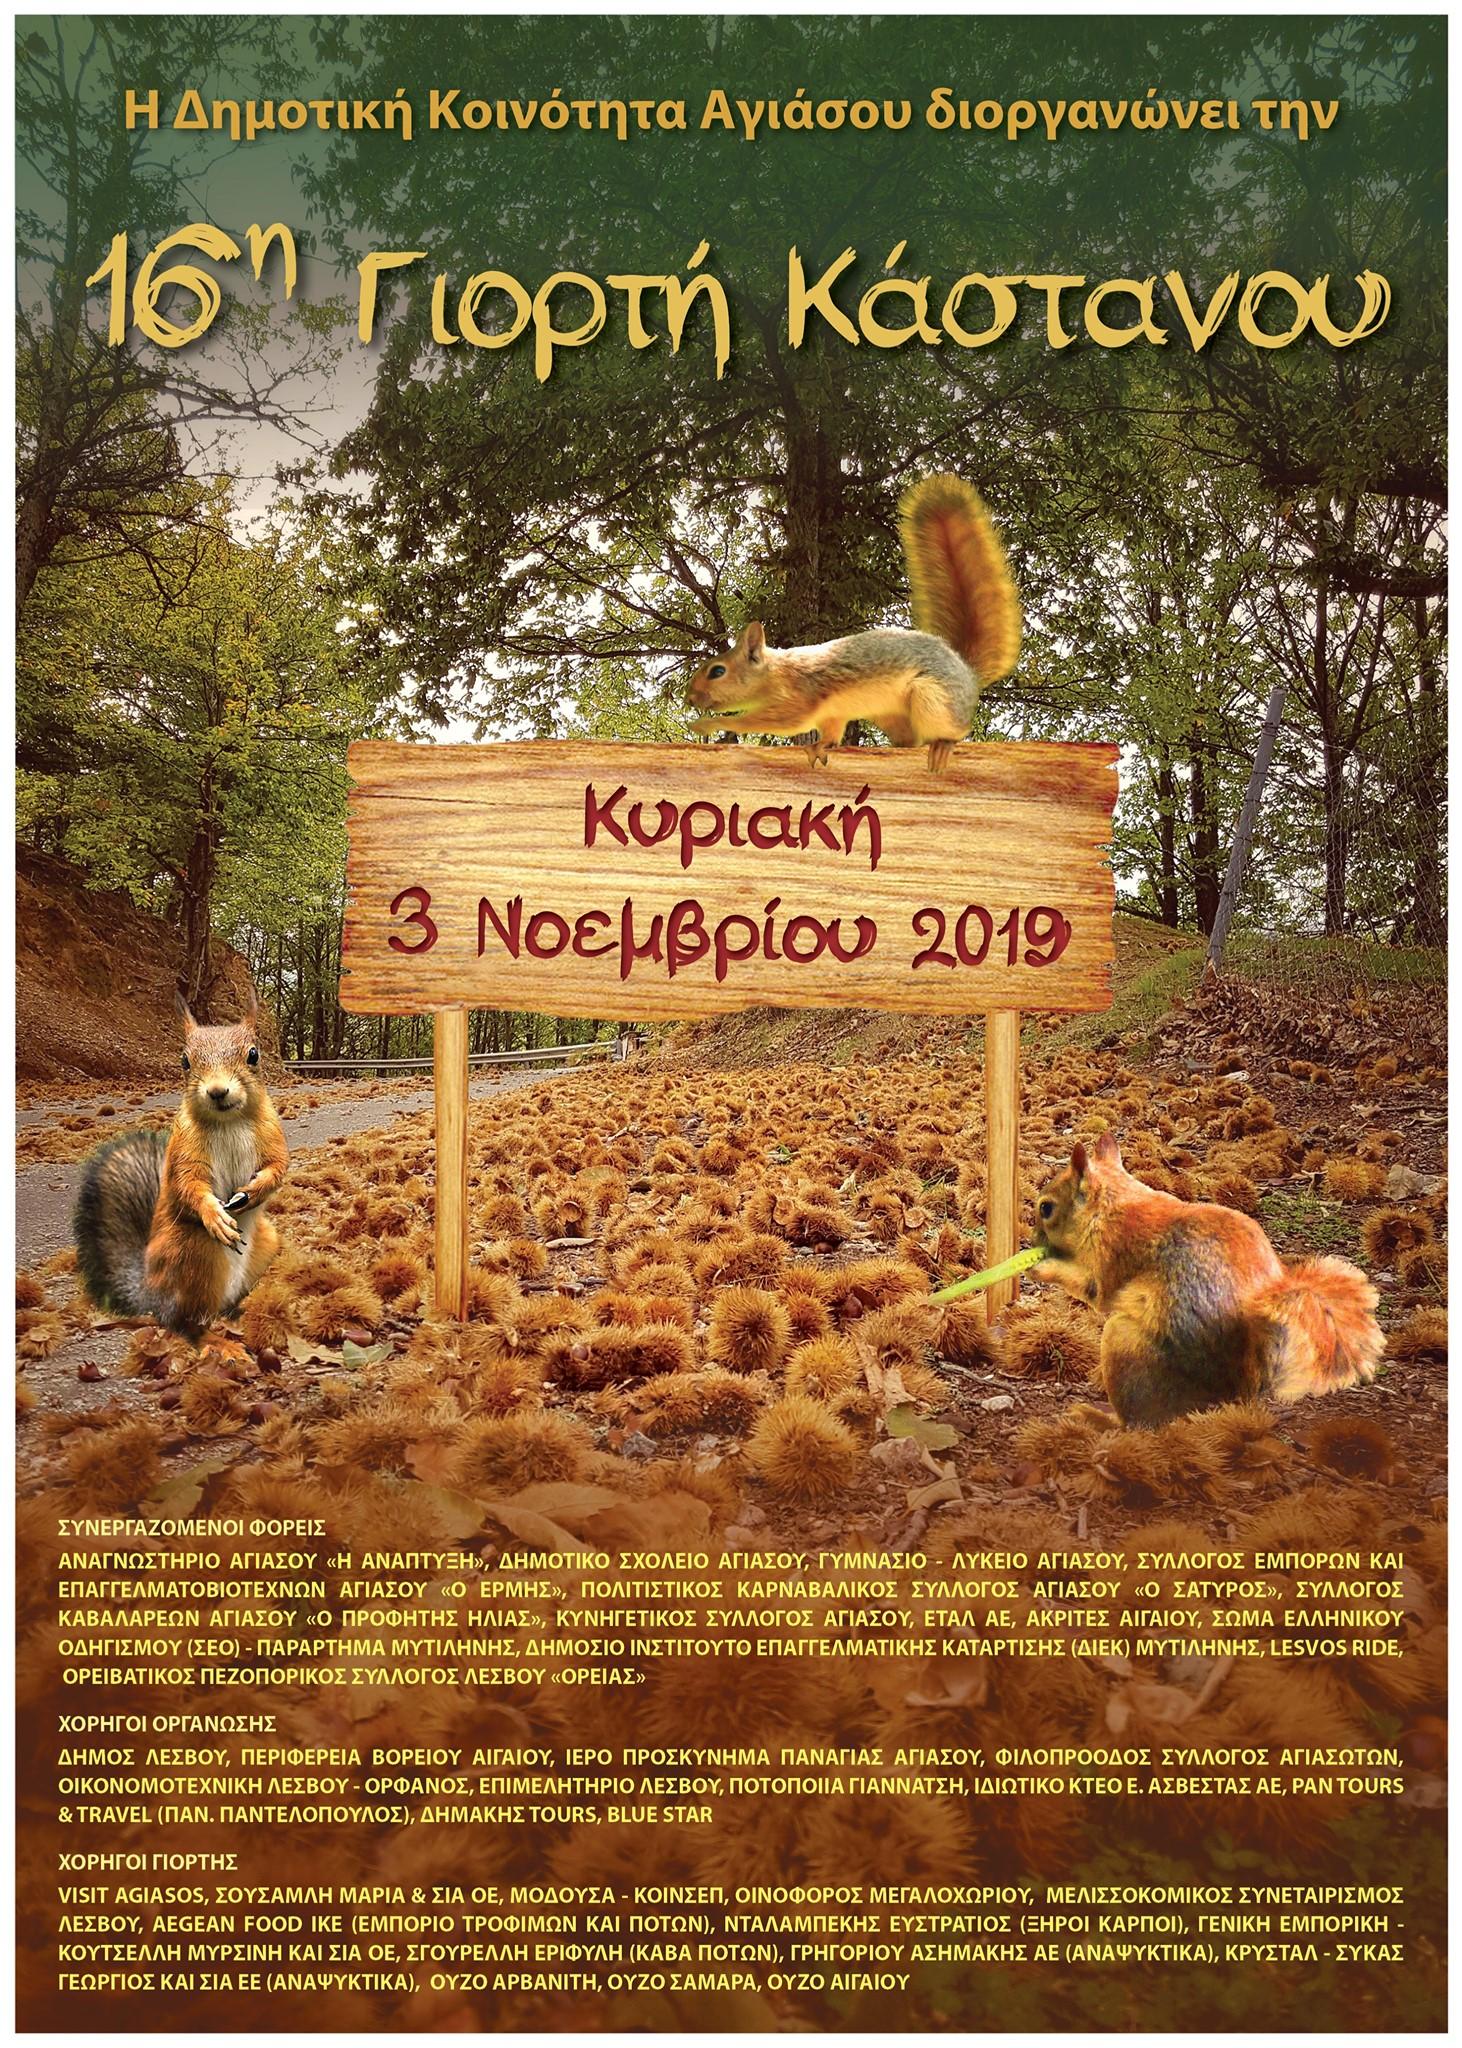 16th Festival of Chestnut in Agiasos